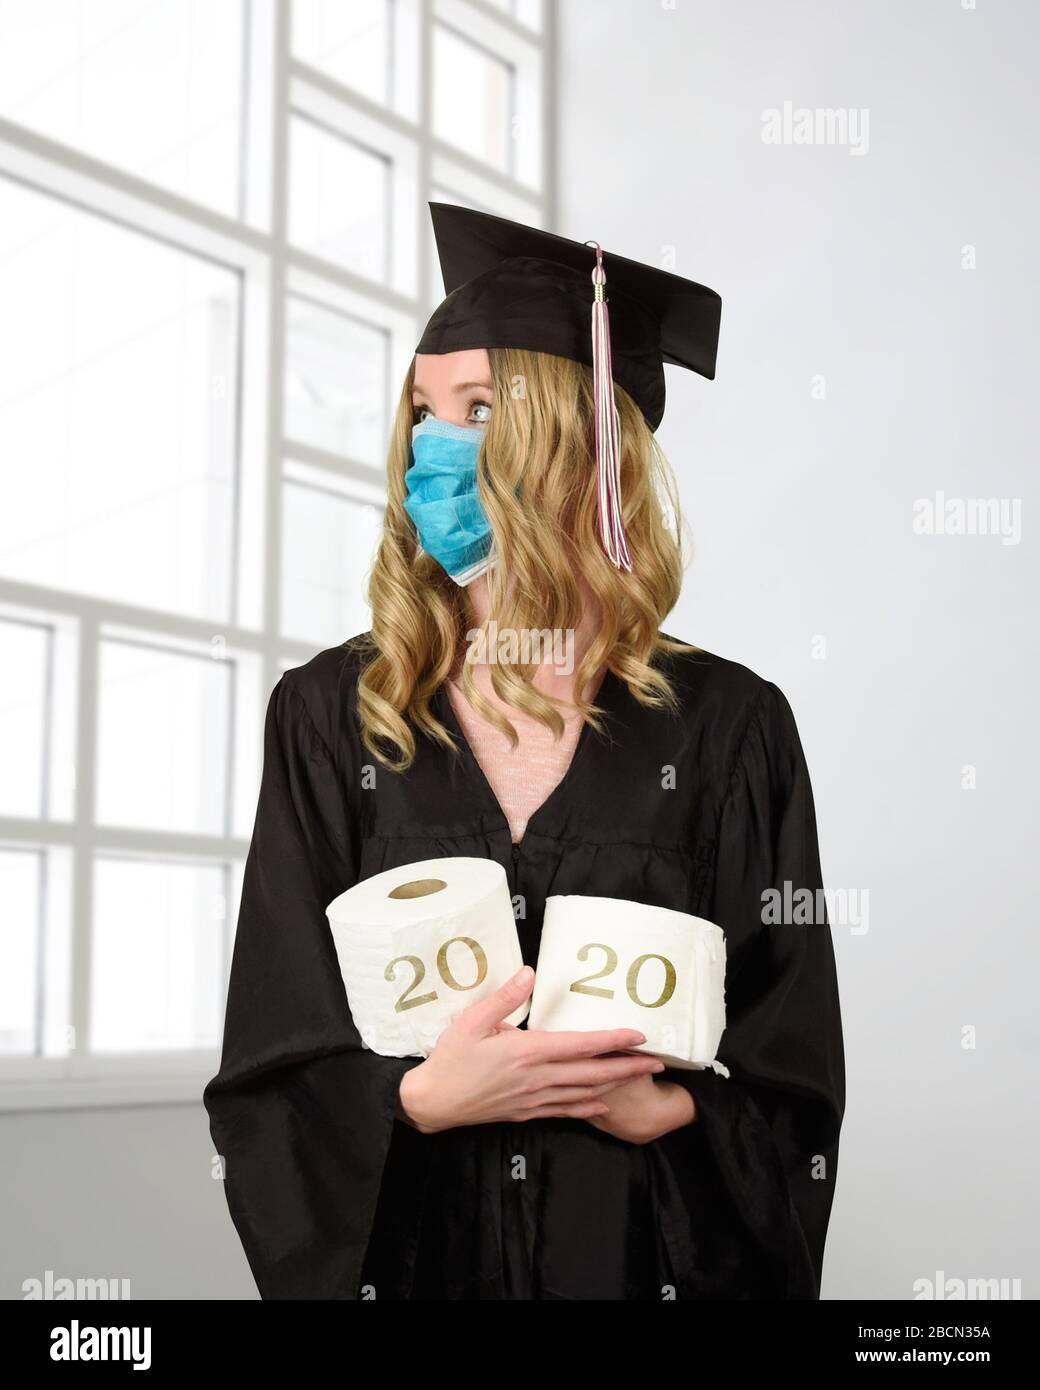 Un estudiante está usando una capa de graduación y un manto de papel higiénico para un concepto humorístico de la clase de 2020 coronavirus pandemia del covid-10 Foto de stock